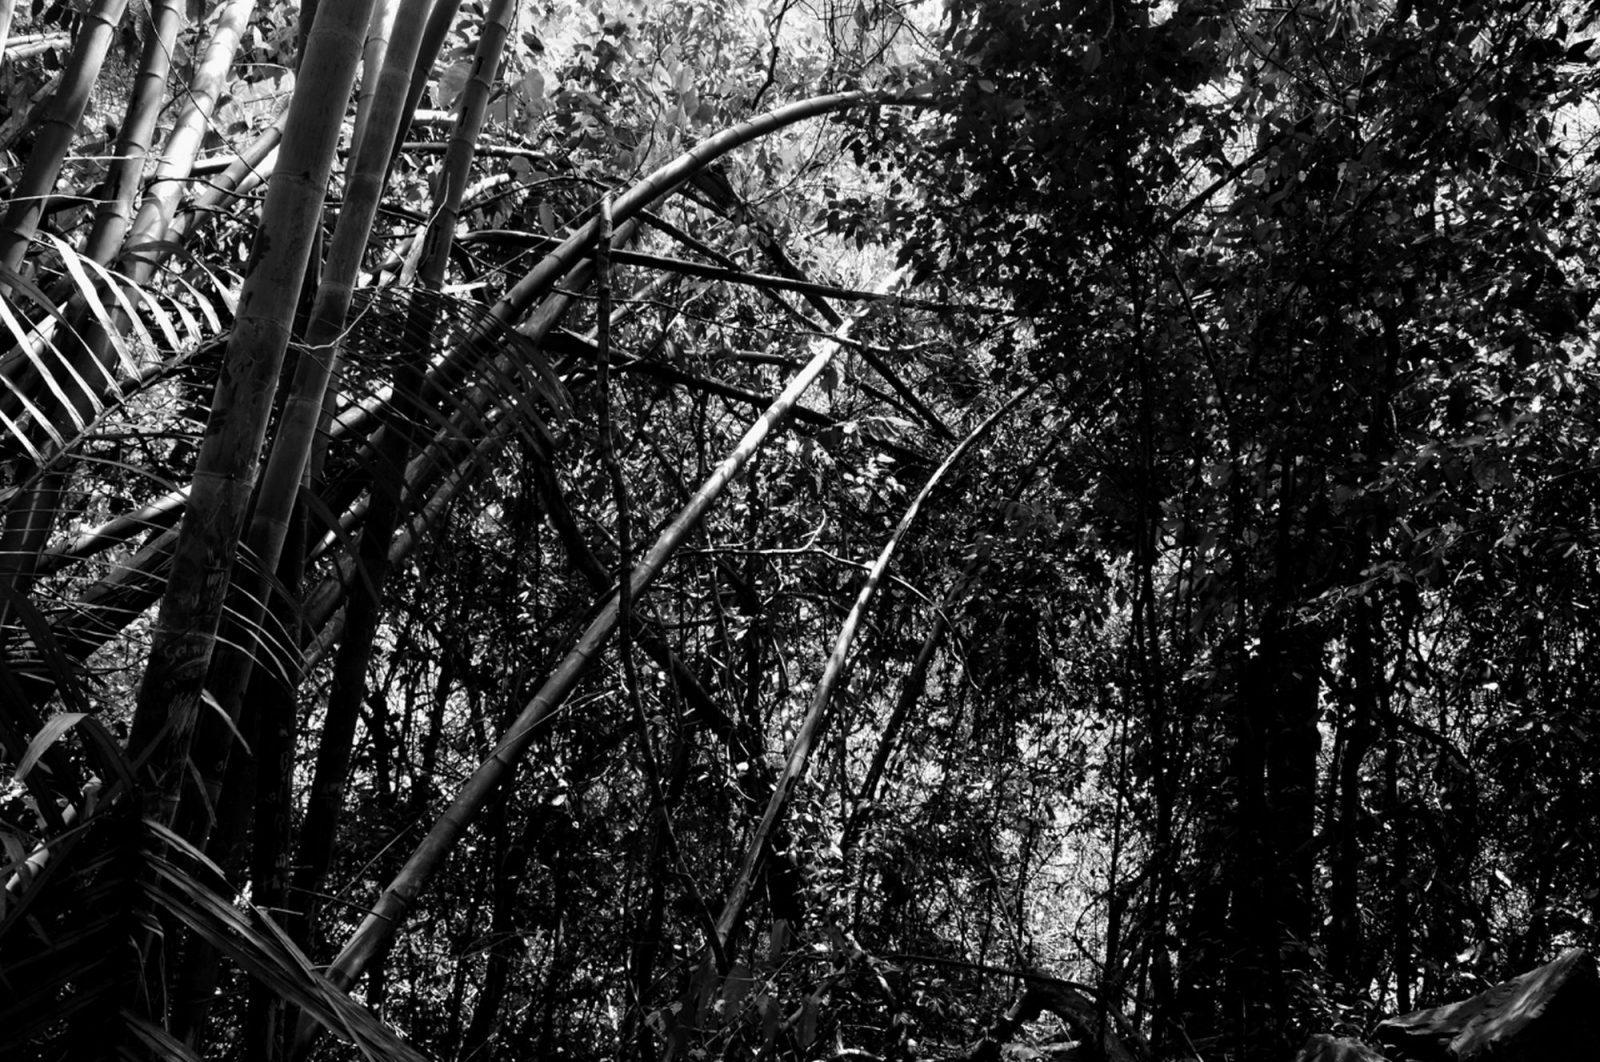 franyo aatoth: Brushwood